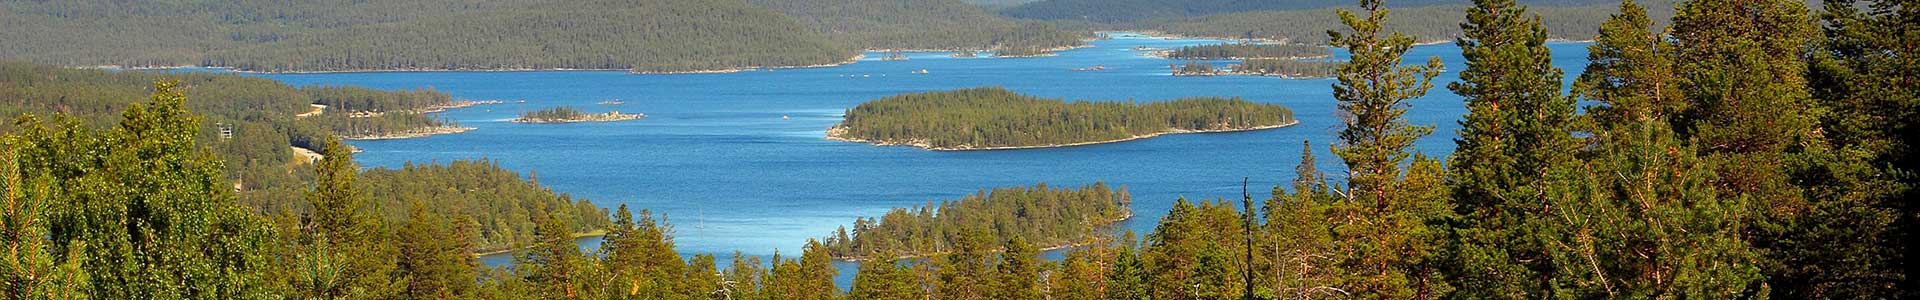 Voyage en Finlande - TUI